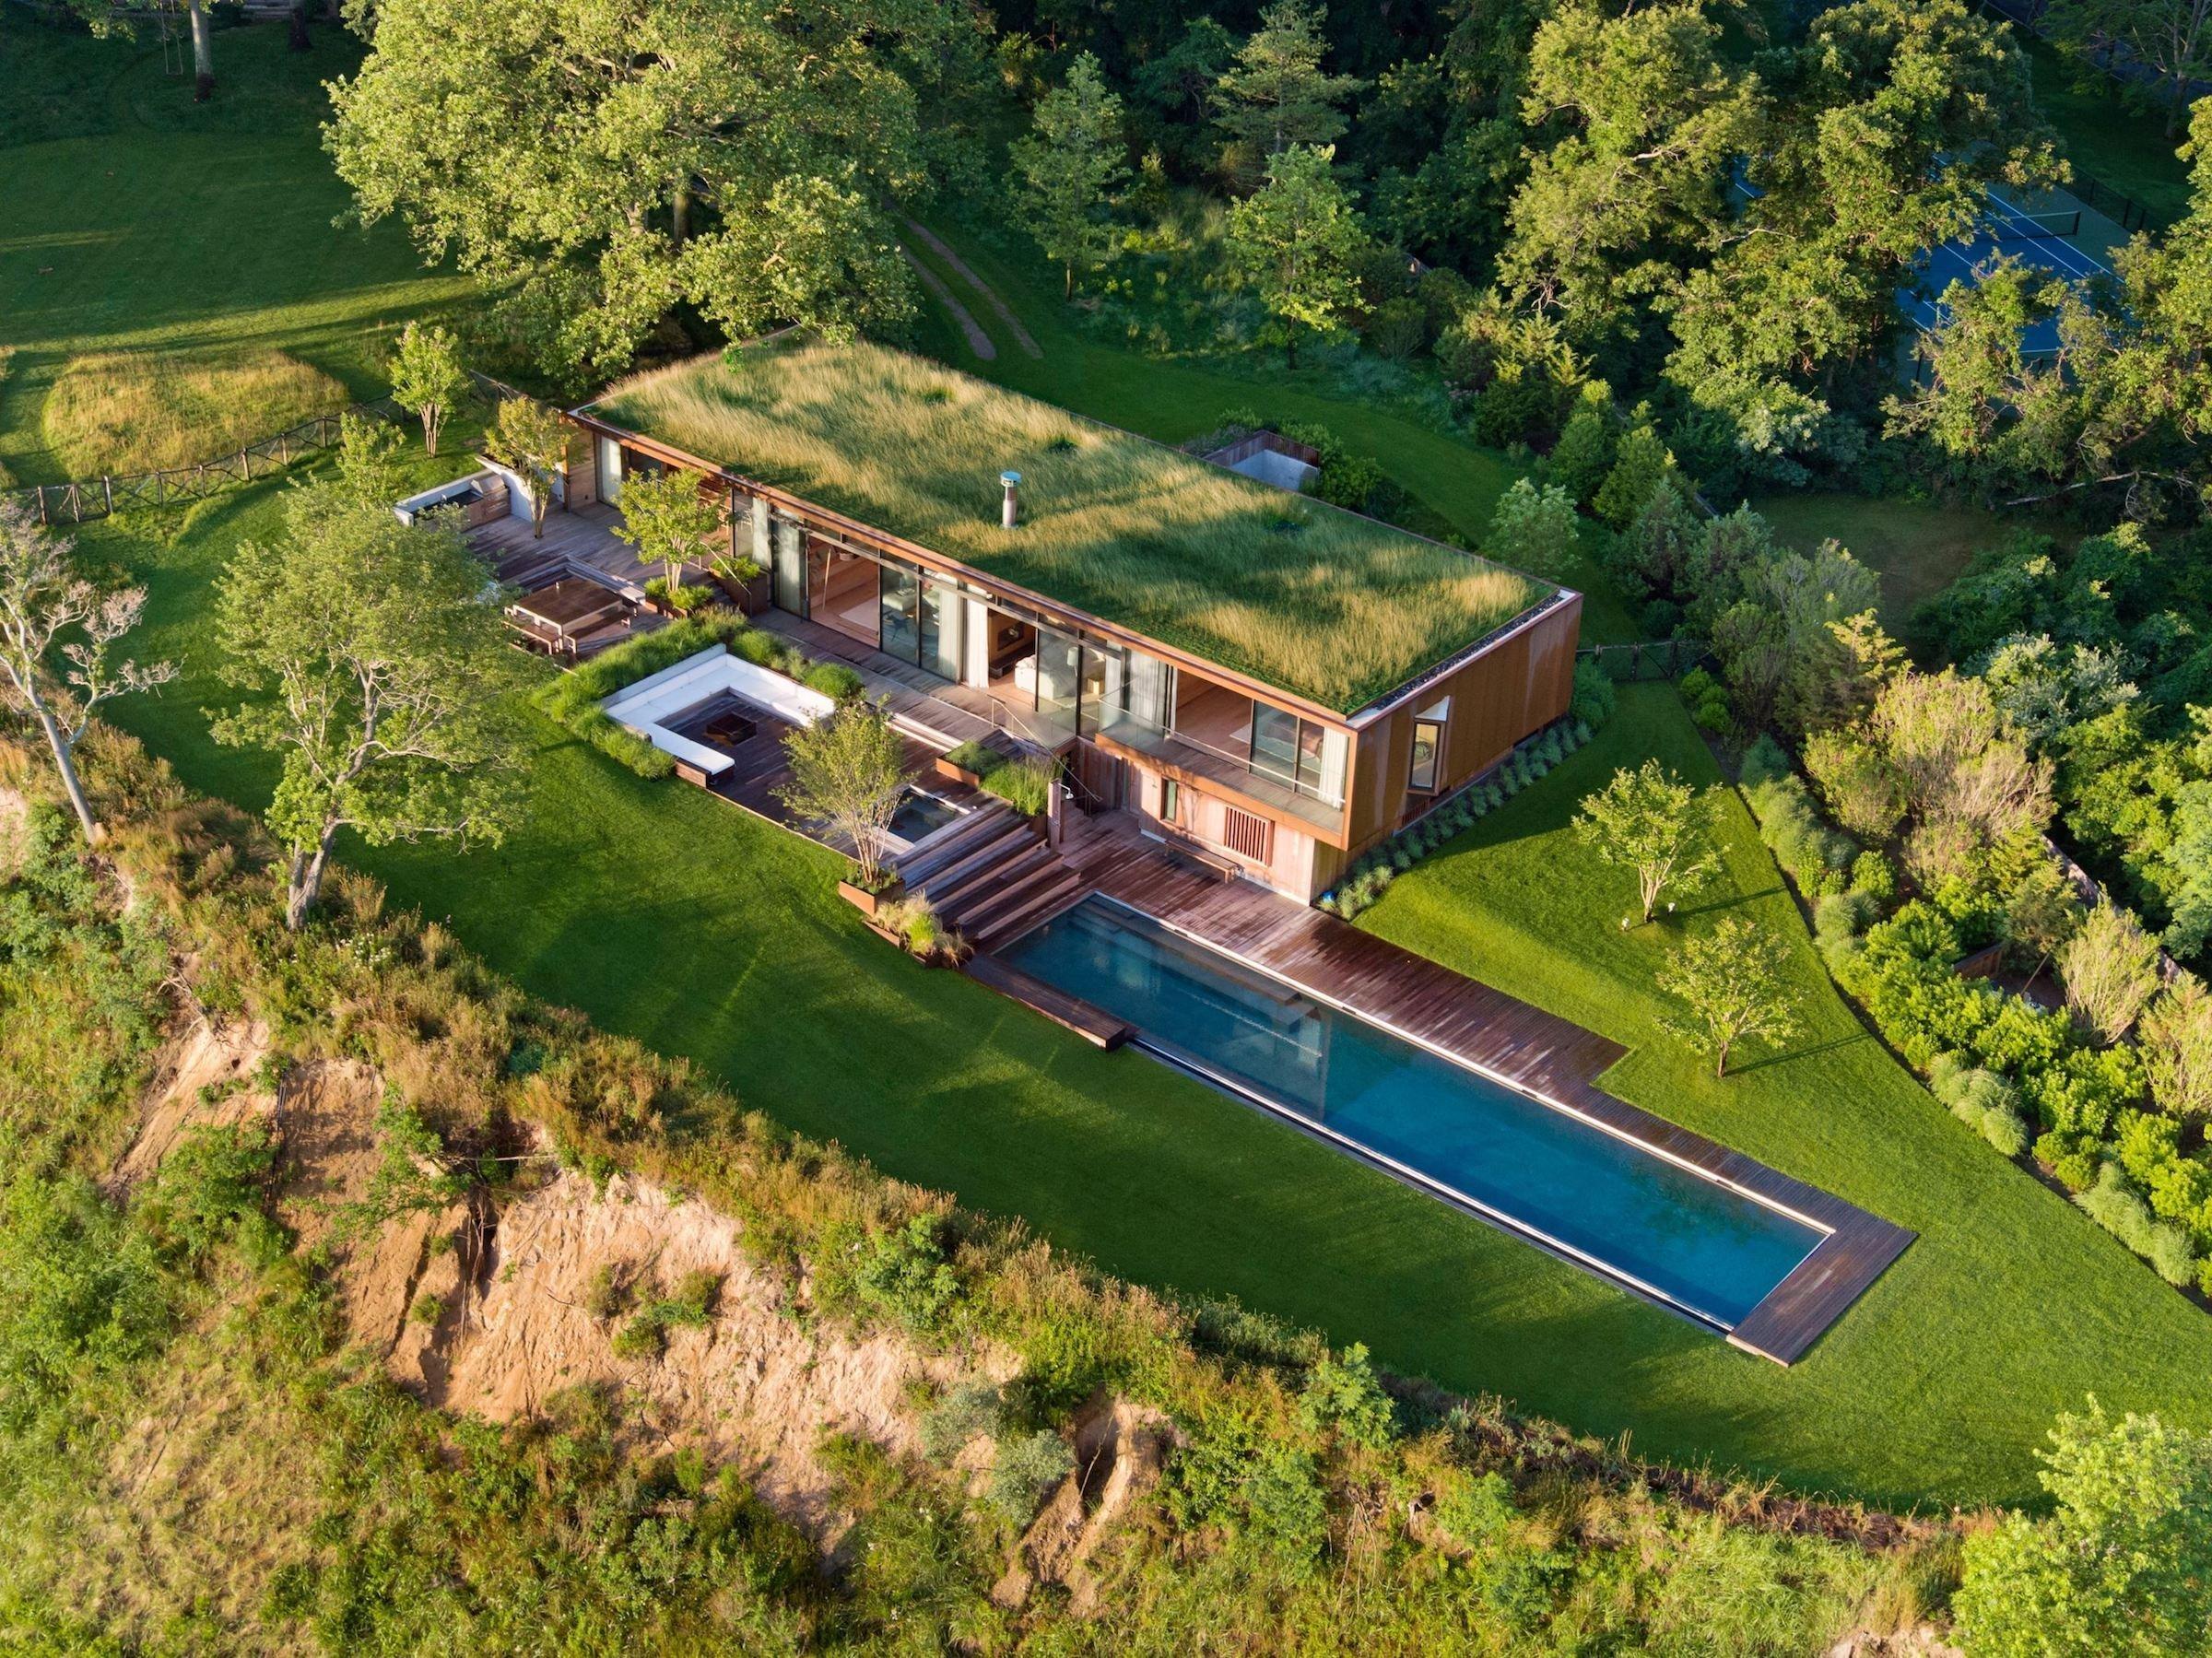 Rodinný dům sloužící k relaxaci s názvem Peconic house, zastoupený studiem Mapos, se nachází v americkém Hampton Bays. Tato oblast je hrdá na svoji minulost. Jedinečná a úchvatná krajina přitahovala umělce do této části Long Islandu během celého minulého století. A díla, jež zde vytvořili, odráží důležitou fázi výtvarného umění a architektury. Stejně tak výjimečný jako zdejší krajina, je výjimečný i dům, na který se dnes podíváme.